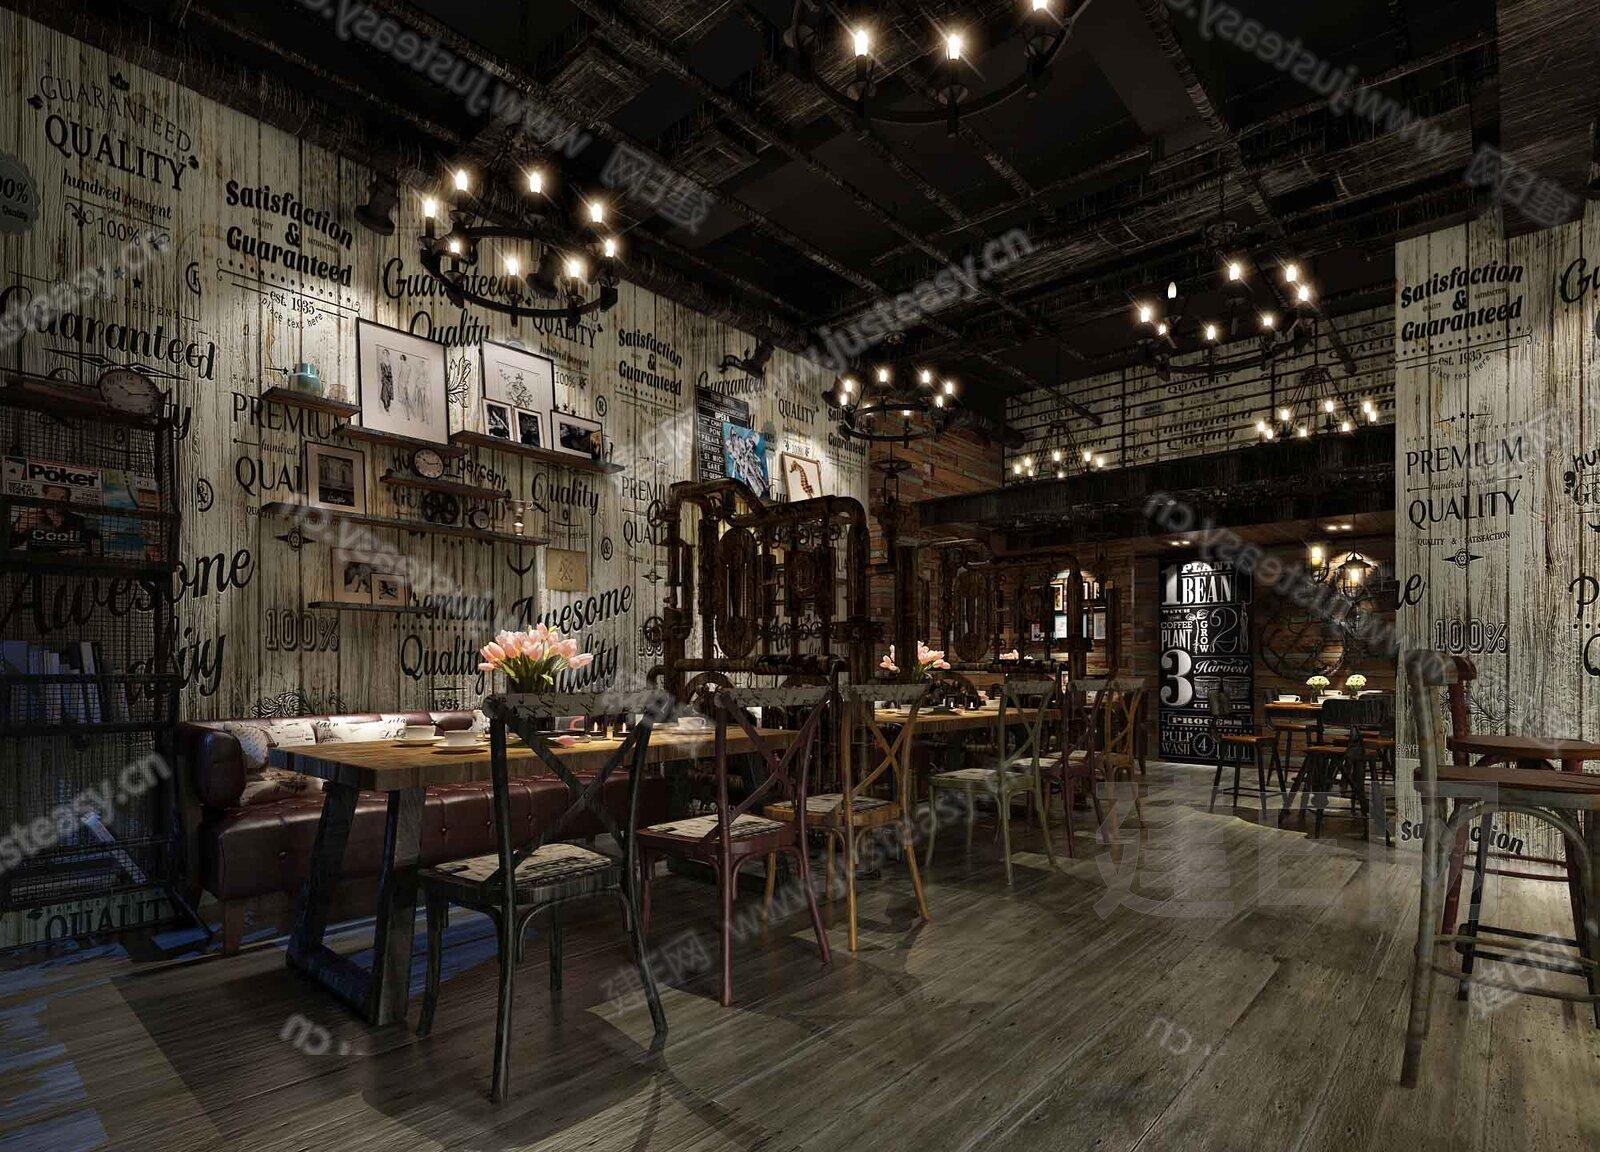 工业loft 咖啡厅3d模型下载[id:139698]_建e网模型-3d